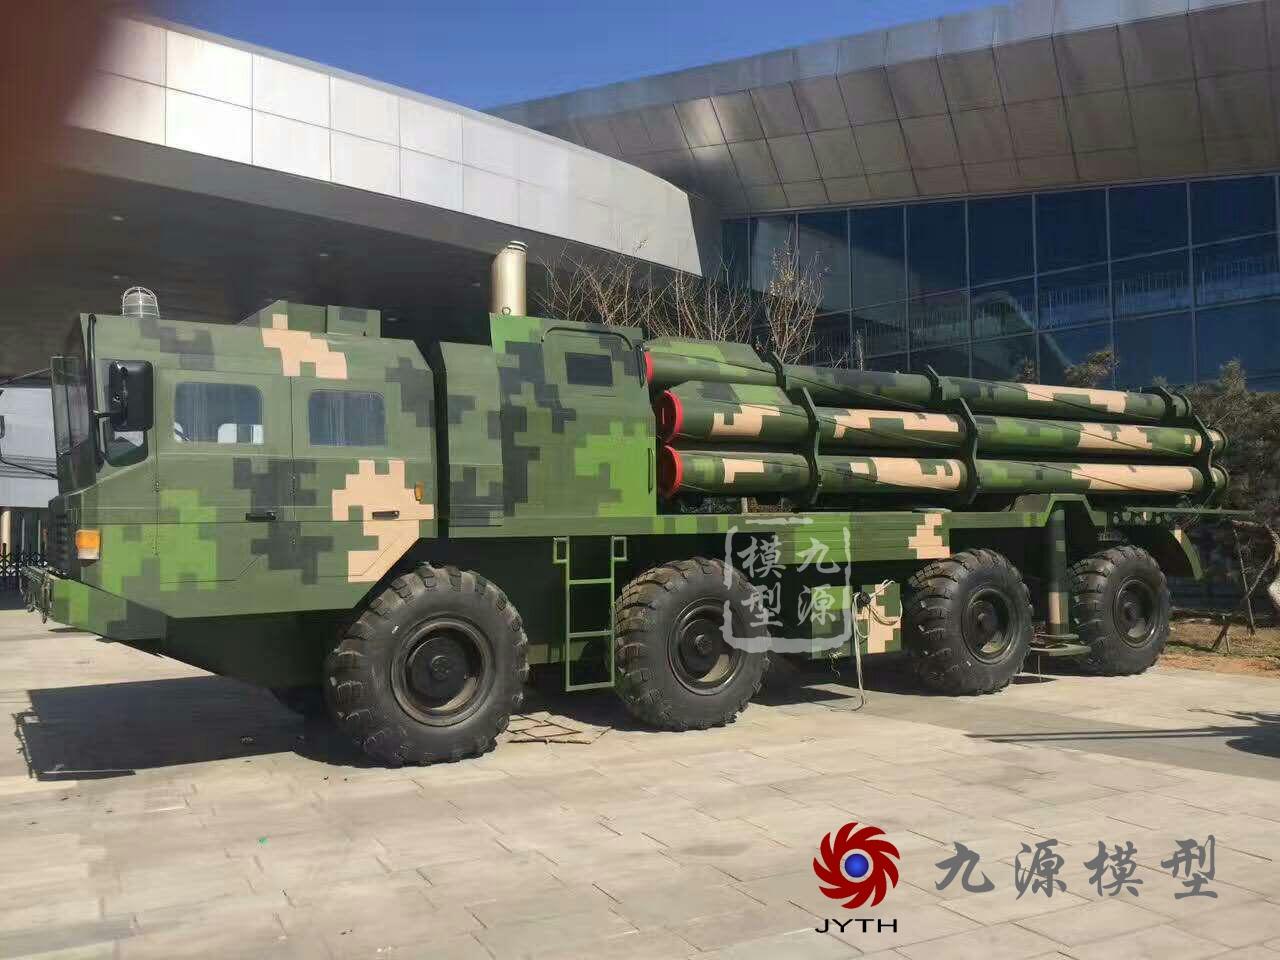 导弹车-导弹车-1